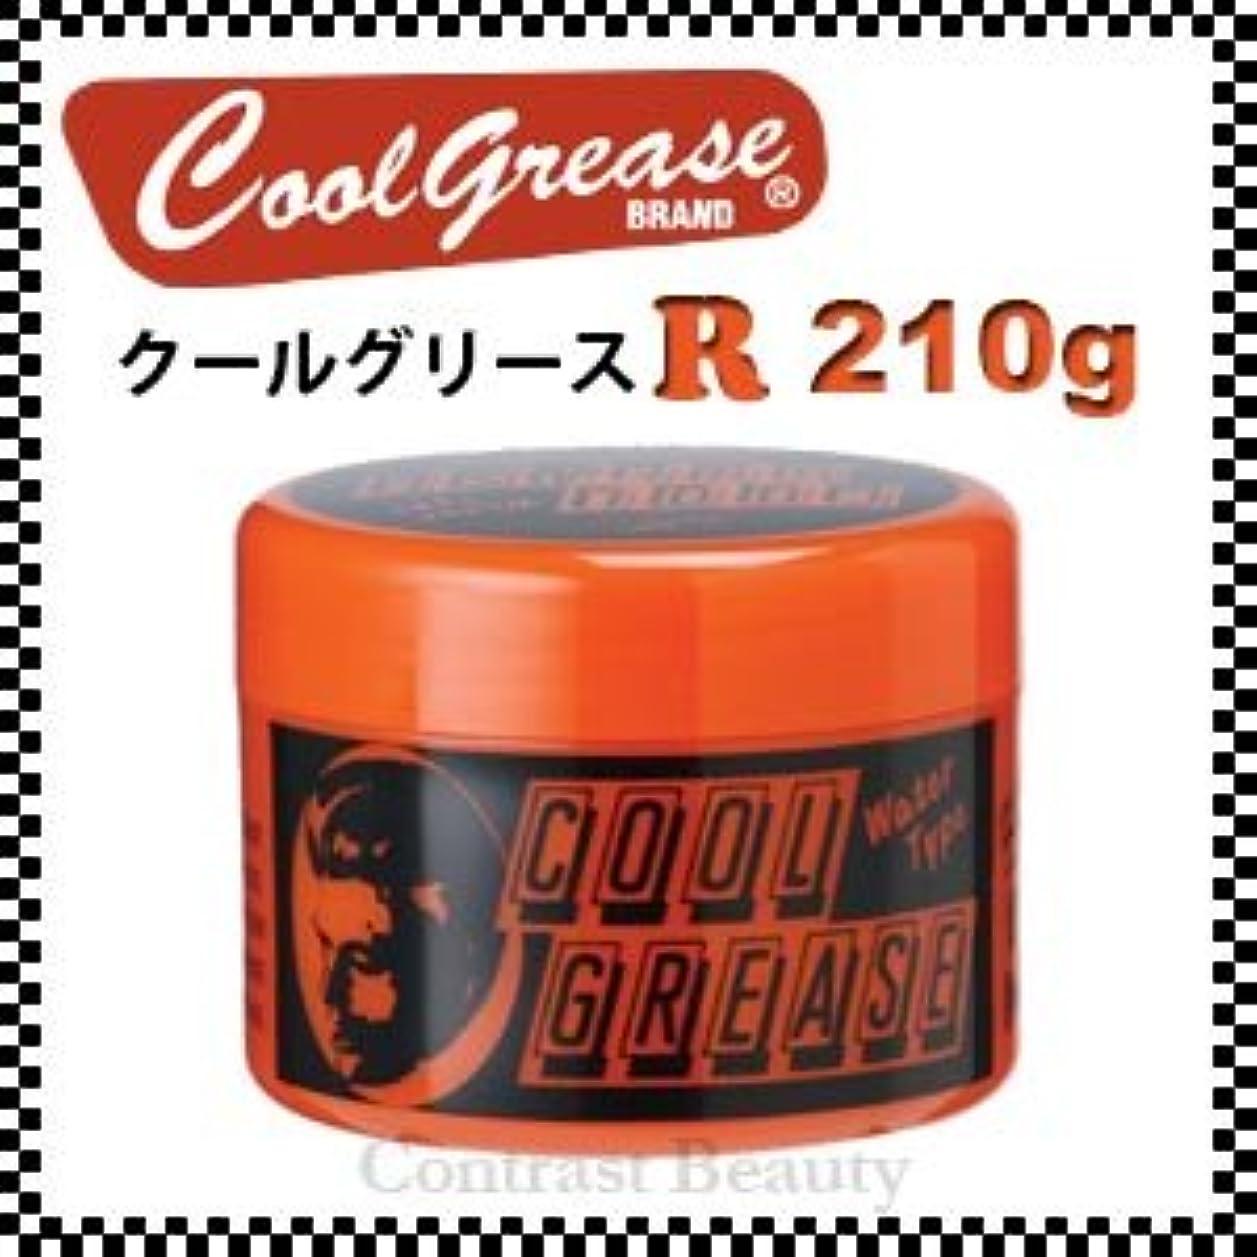 新しい意味デザートチャペル【X5個セット】 阪本高生堂 クールグリース R 210g